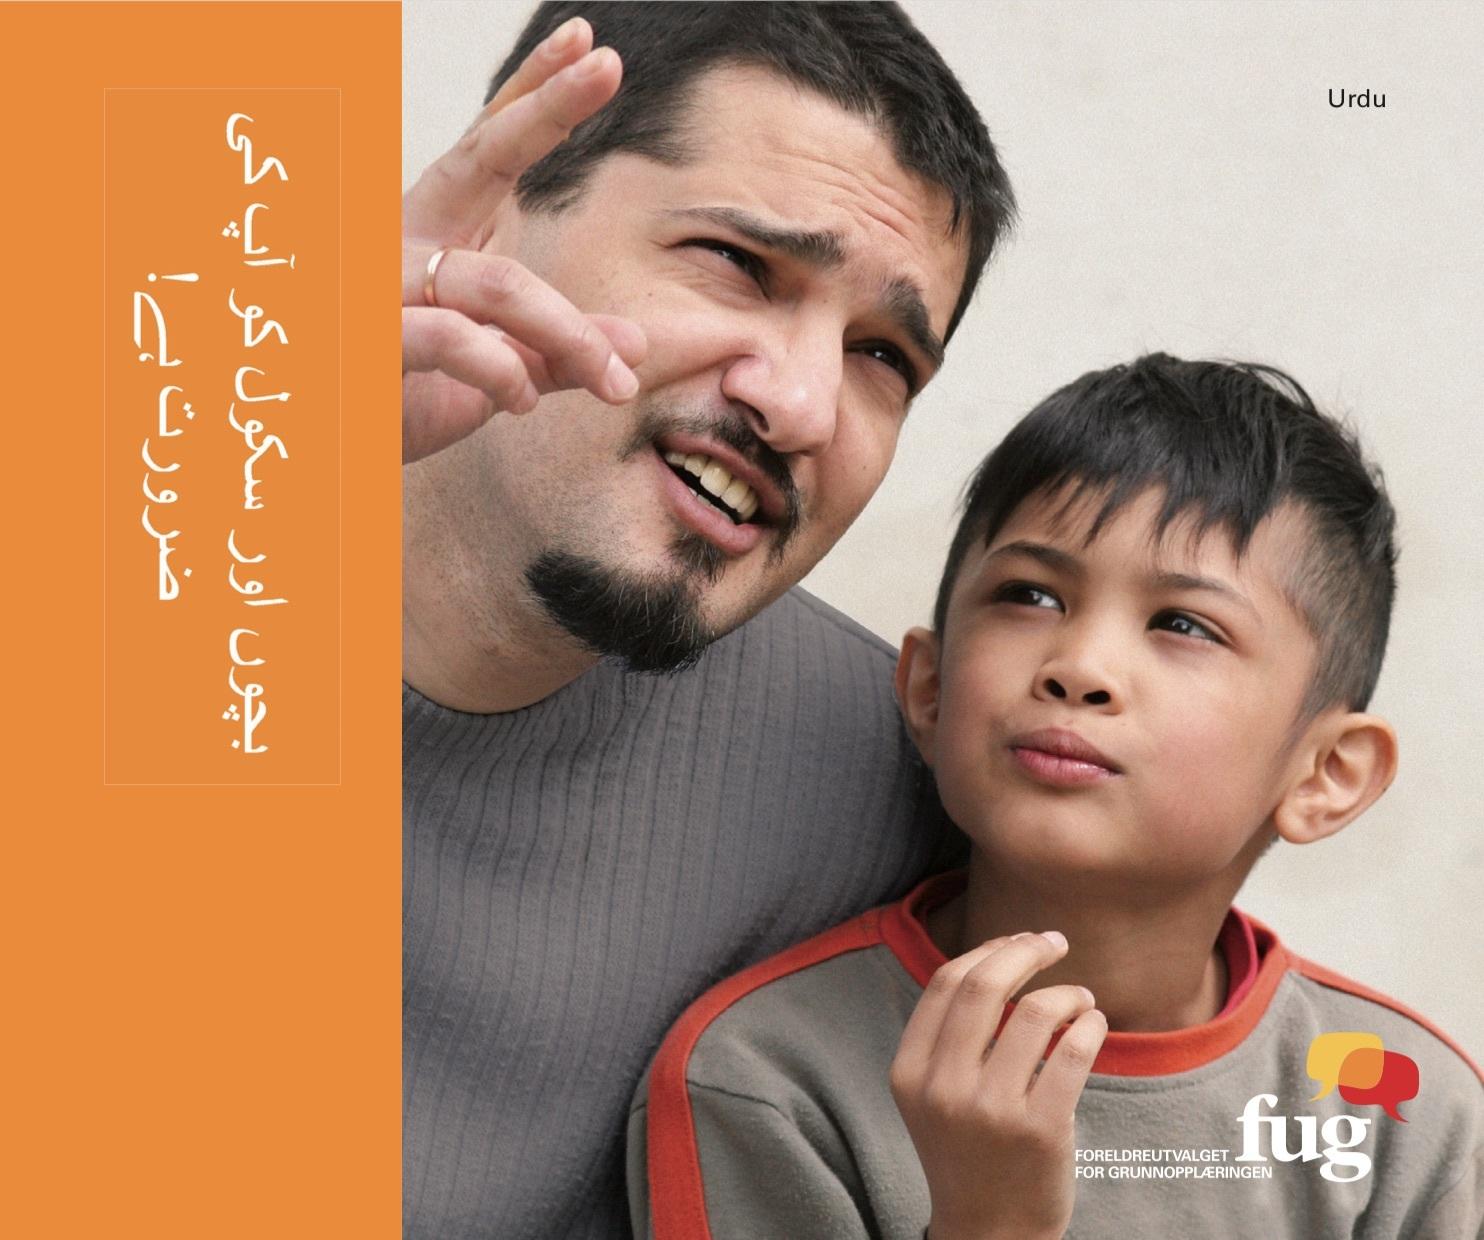 Barna og skolen trenger deg urdu